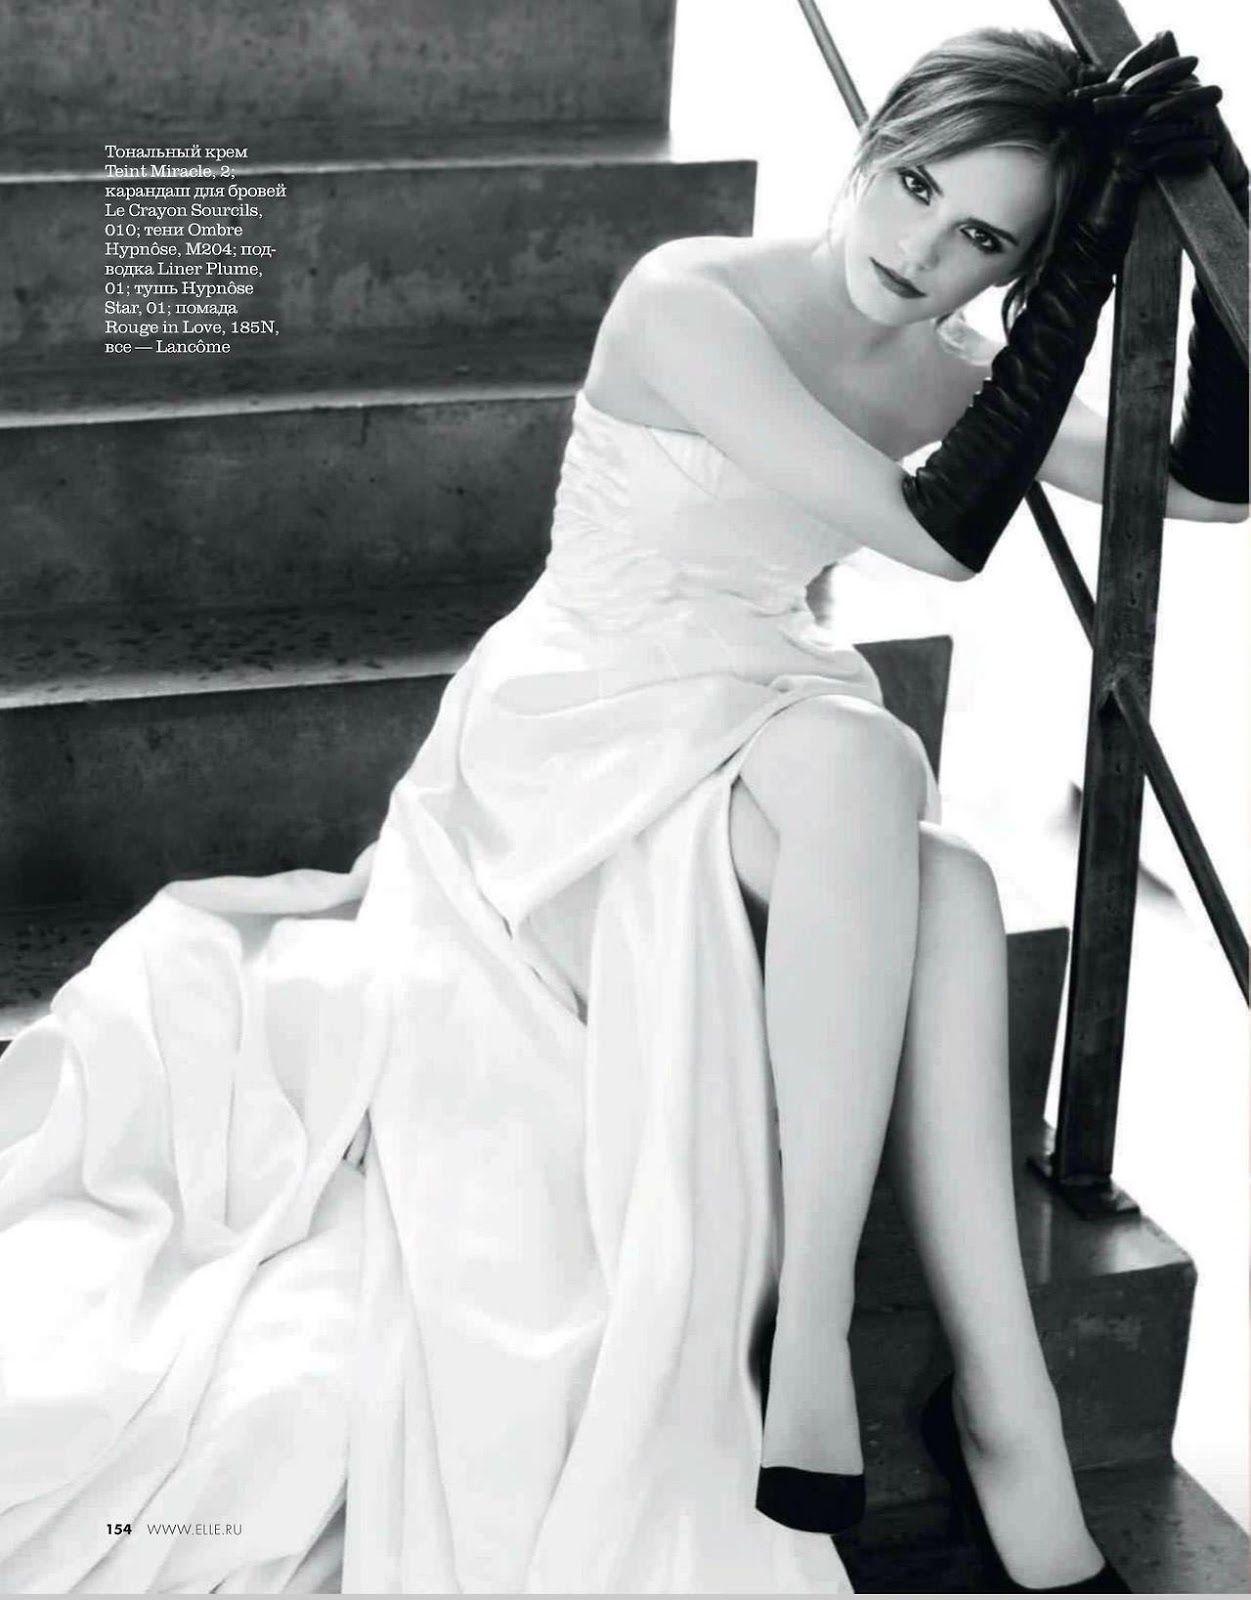 Emma Watson for ELLE Russia March 2013